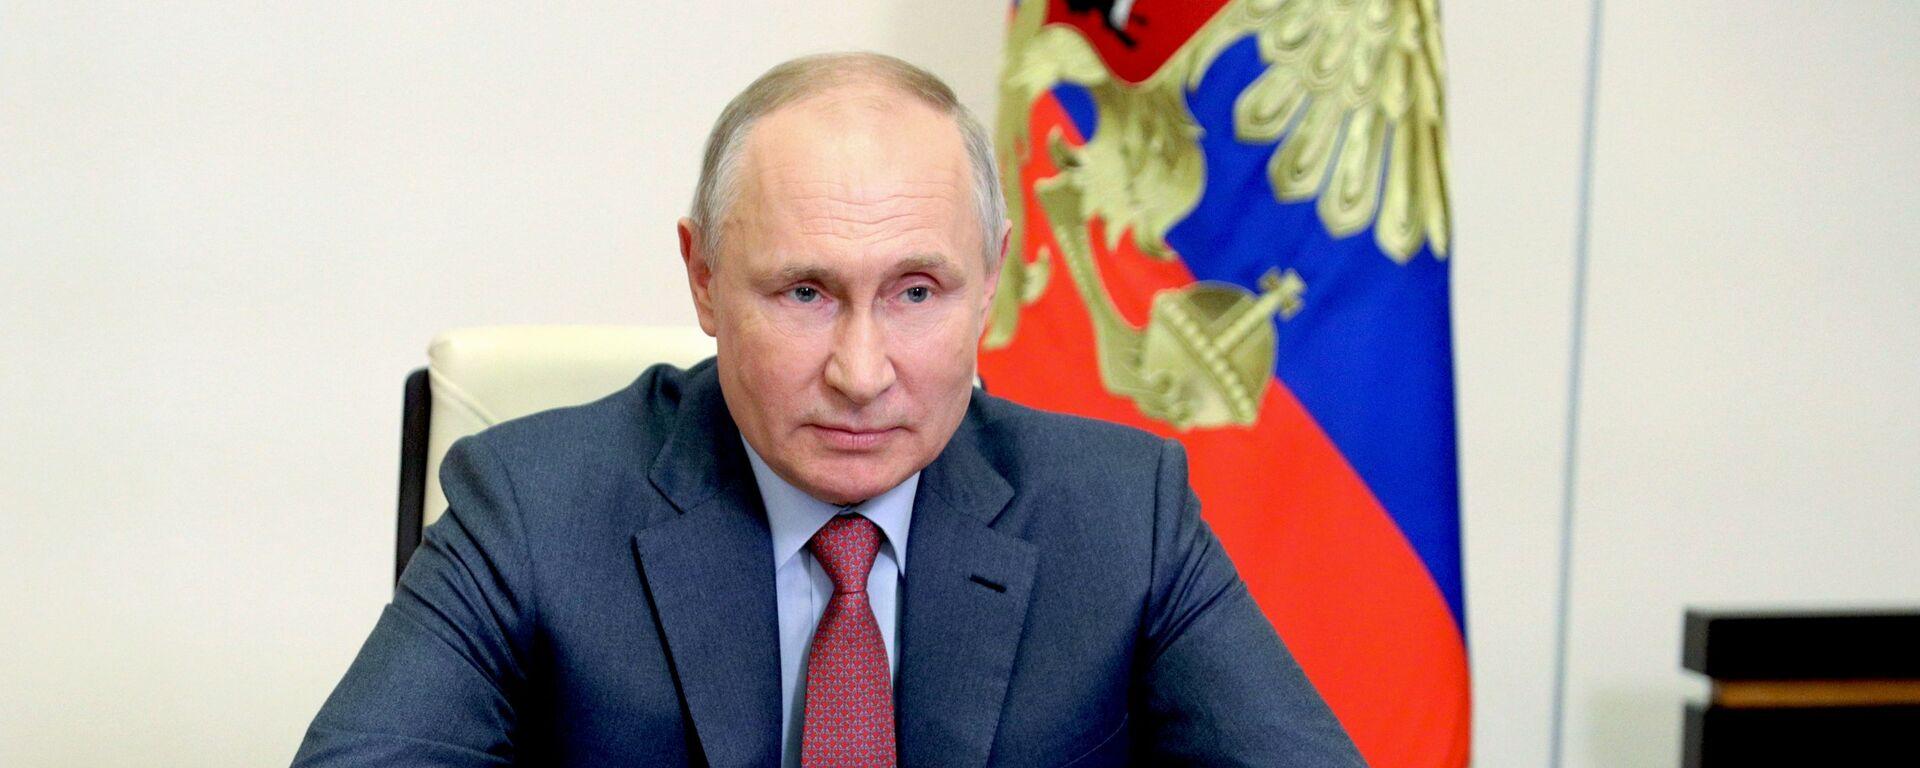 Президент РФ В. Путин провел заседание Совбеза РФ - Sputnik Беларусь, 1920, 18.05.2021